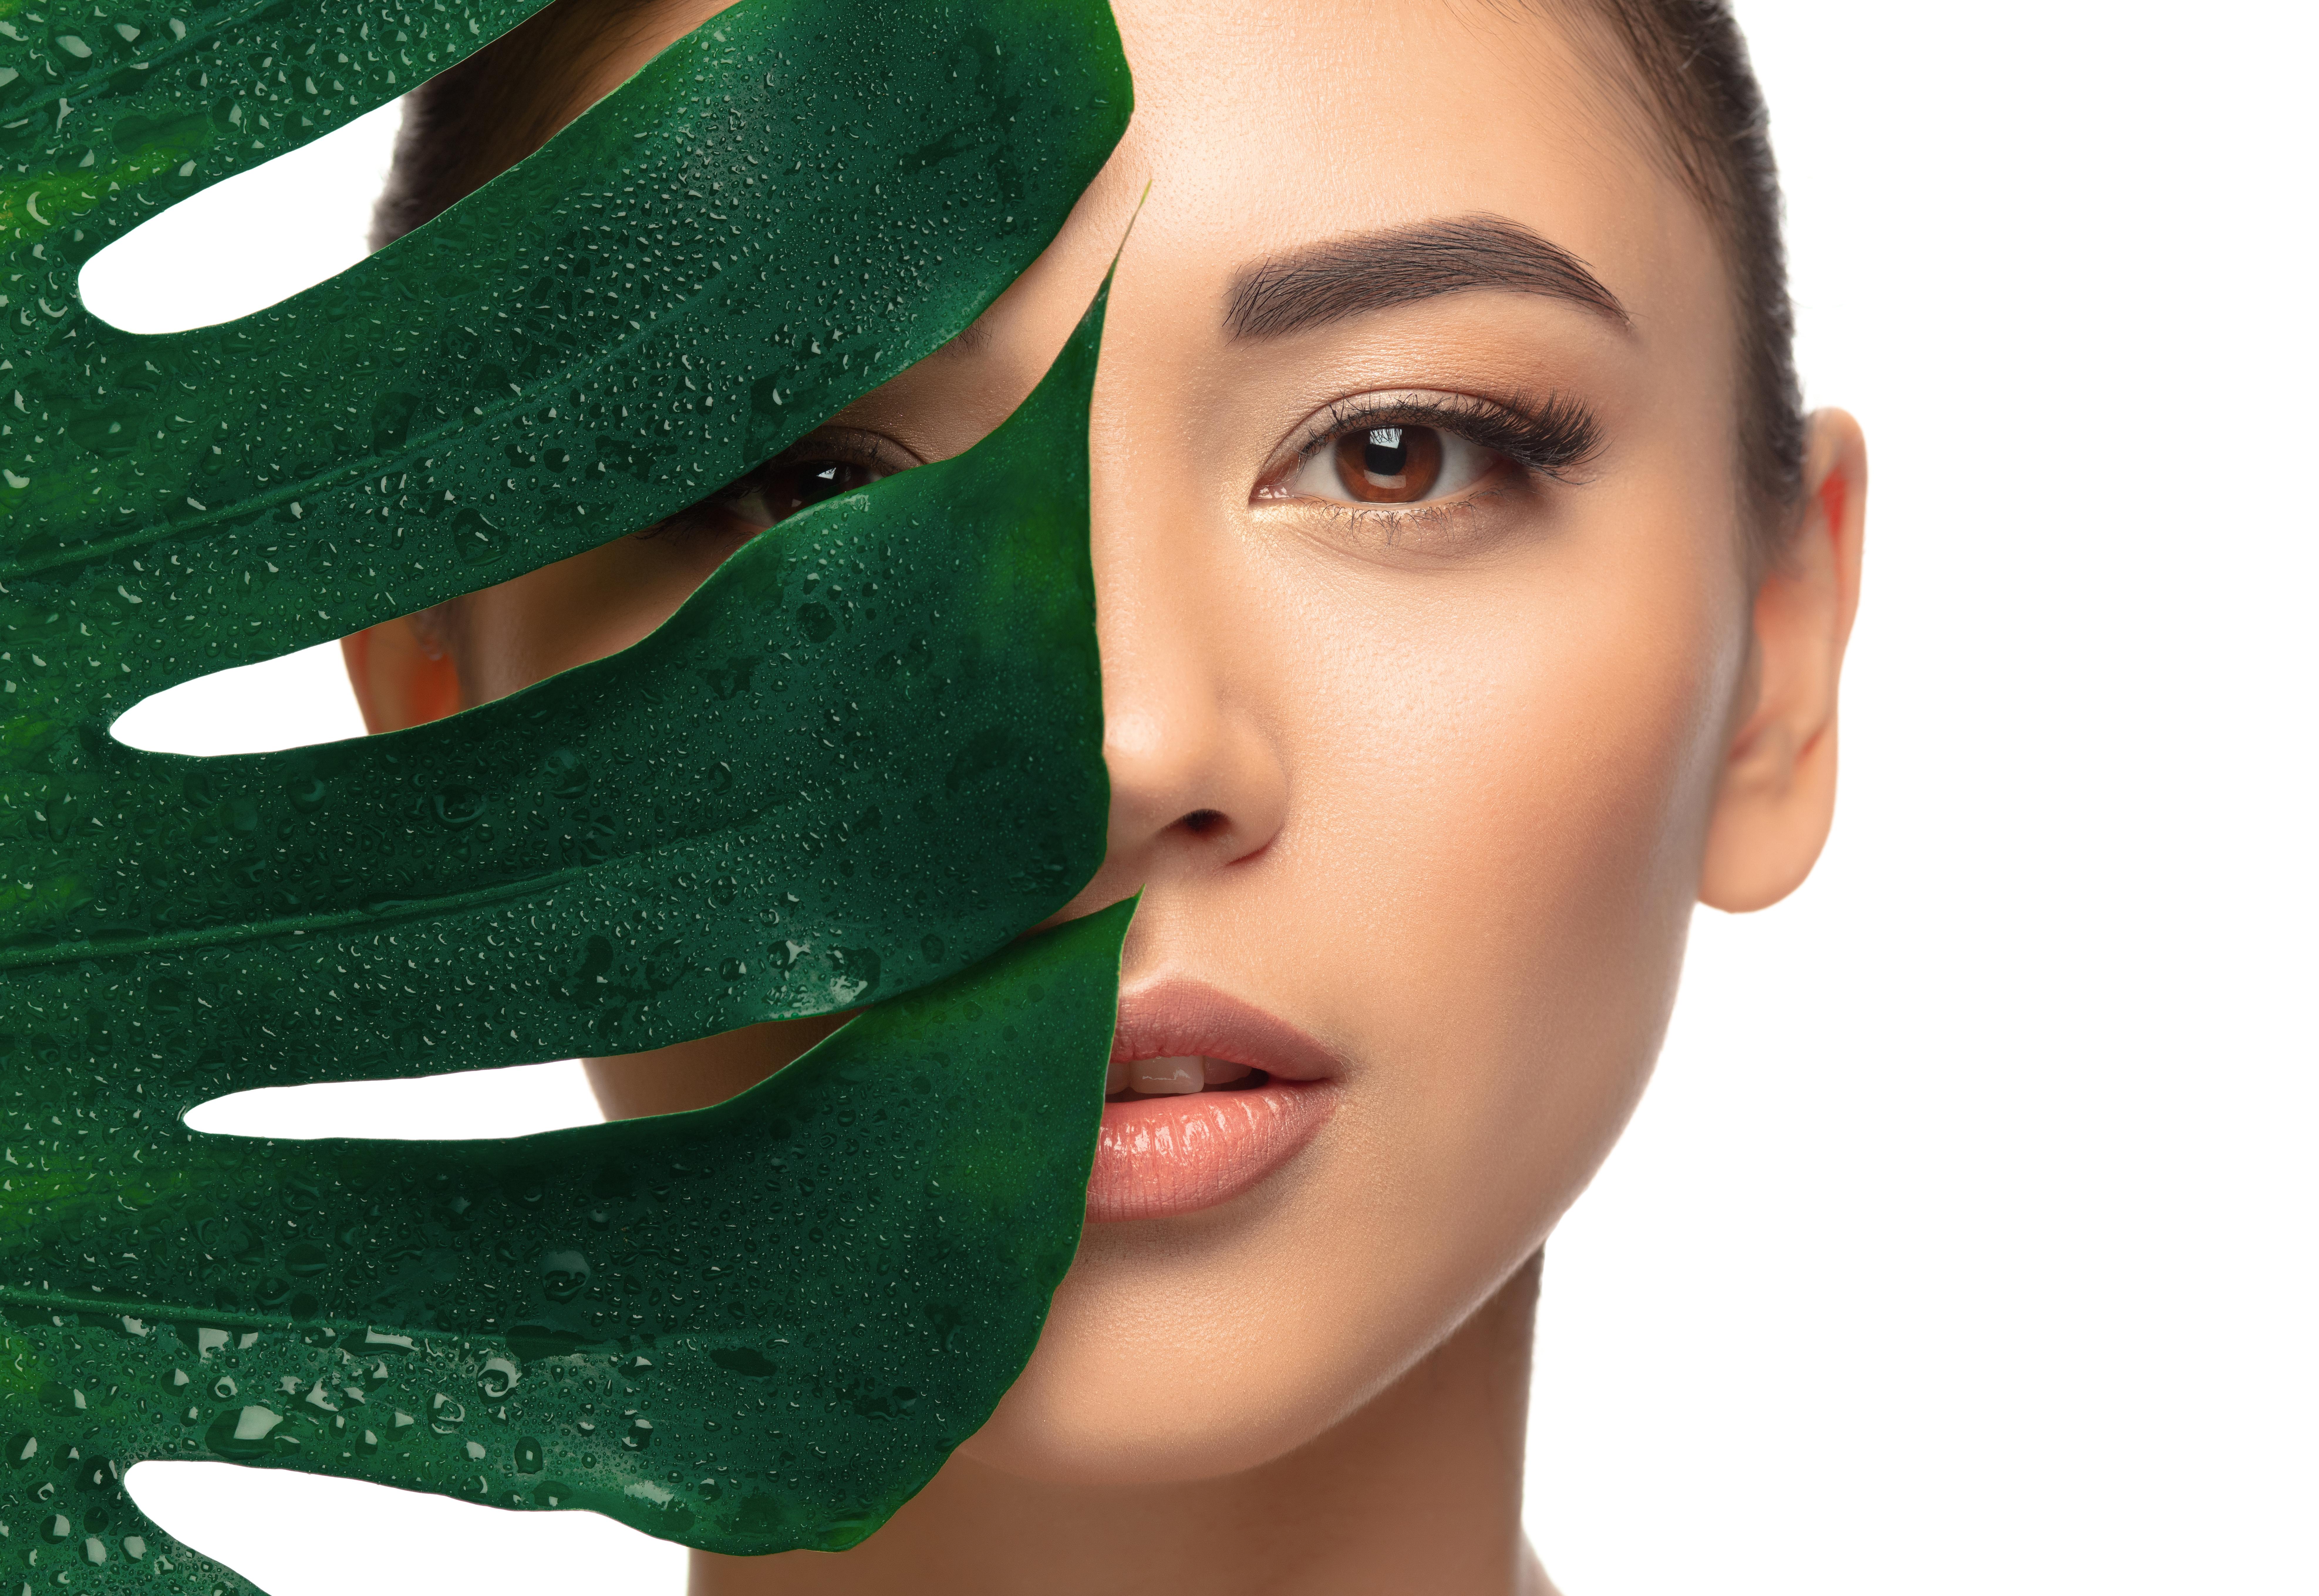 美容師正在為客人進行皮膚護理以及按摩